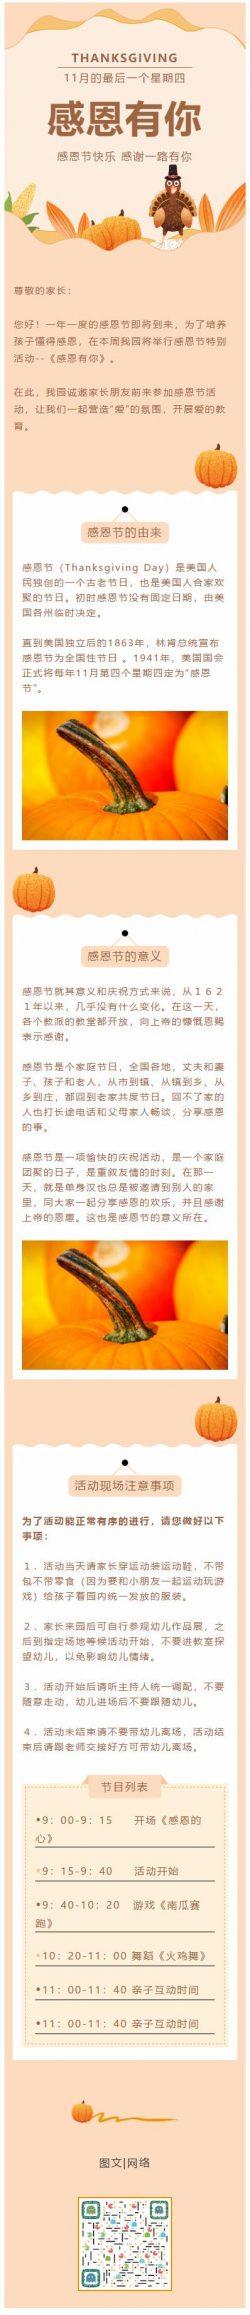 感恩节(Thanksgiving Day)火鸡南瓜微信模板公众号推文素材推送图文模板